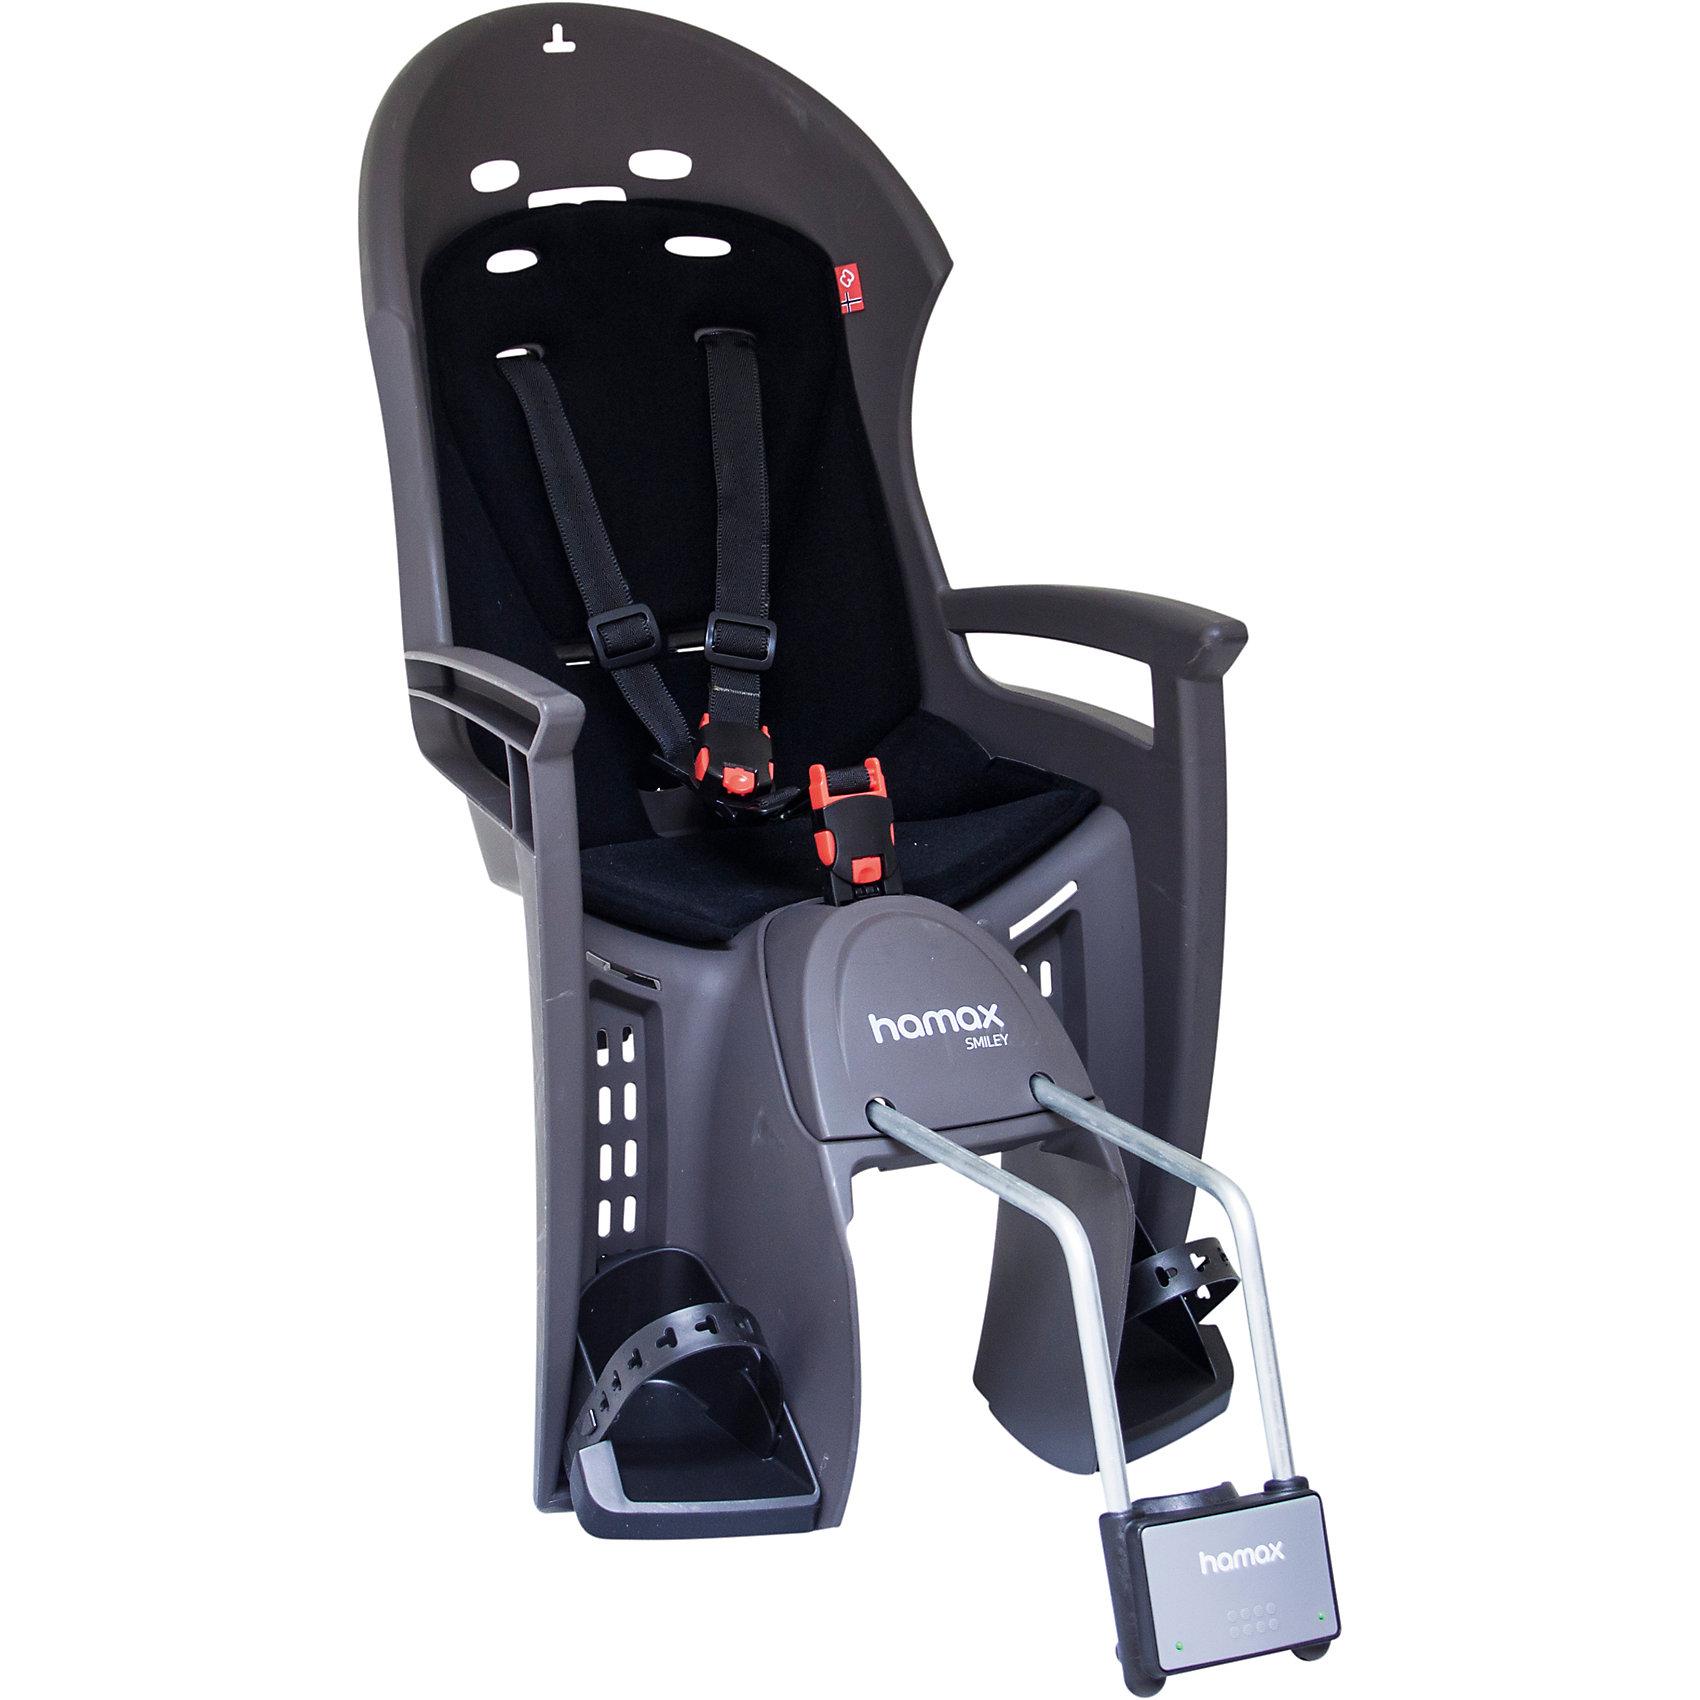 Детское велокресло Smiley W/lockable Bracket, Hamax, серый/черныйАксеcсуары для велосипедов<br>Характеристики товара:<br><br>• цвет: черный, серый<br>• возраст: от 9 мес.<br>• ограничение по весу: до 22кг<br>• эргономичный дизайн с дополнительным местом для шлема<br>• регулируемая система подножек и ремней безопасности<br>• пояс-пряжка не может быть открыт ребенком<br>• крепёжный кронштейн с замком<br>• может крепиться на велосипед, даже если на нём нет багажника<br>• надёжность и простота подгонки<br>• материал: полипропилен, текстиль, металл<br>• страна бренда: Польша<br>• вес: 3750гр<br>• размер: 38х82х31см<br><br><br>Эргономичный дизайн велокресла Hamax с дополнительным местом для шлема и обтекаемой формы обеспечит безопасность ребенка во время велопрогулок на свежем воздухе. <br><br>Система ремней безопасности крепится в трёх точках и имеет на груди дополнительную застёжку, позволяющую фиксировать ребёнка на сидении в удобном и безопасном положении.<br><br>Может крепиться на велосипед, даже если на нём нет багажника.<br><br>Детское велокресло Smiley W/lockable Bracket, Hamax, серый/черный можно купить в нашем интернет-магазине.<br><br>Ширина мм: 380<br>Глубина мм: 820<br>Высота мм: 300<br>Вес г: 3740<br>Возраст от месяцев: 9<br>Возраст до месяцев: 48<br>Пол: Унисекс<br>Возраст: Детский<br>SKU: 5582601